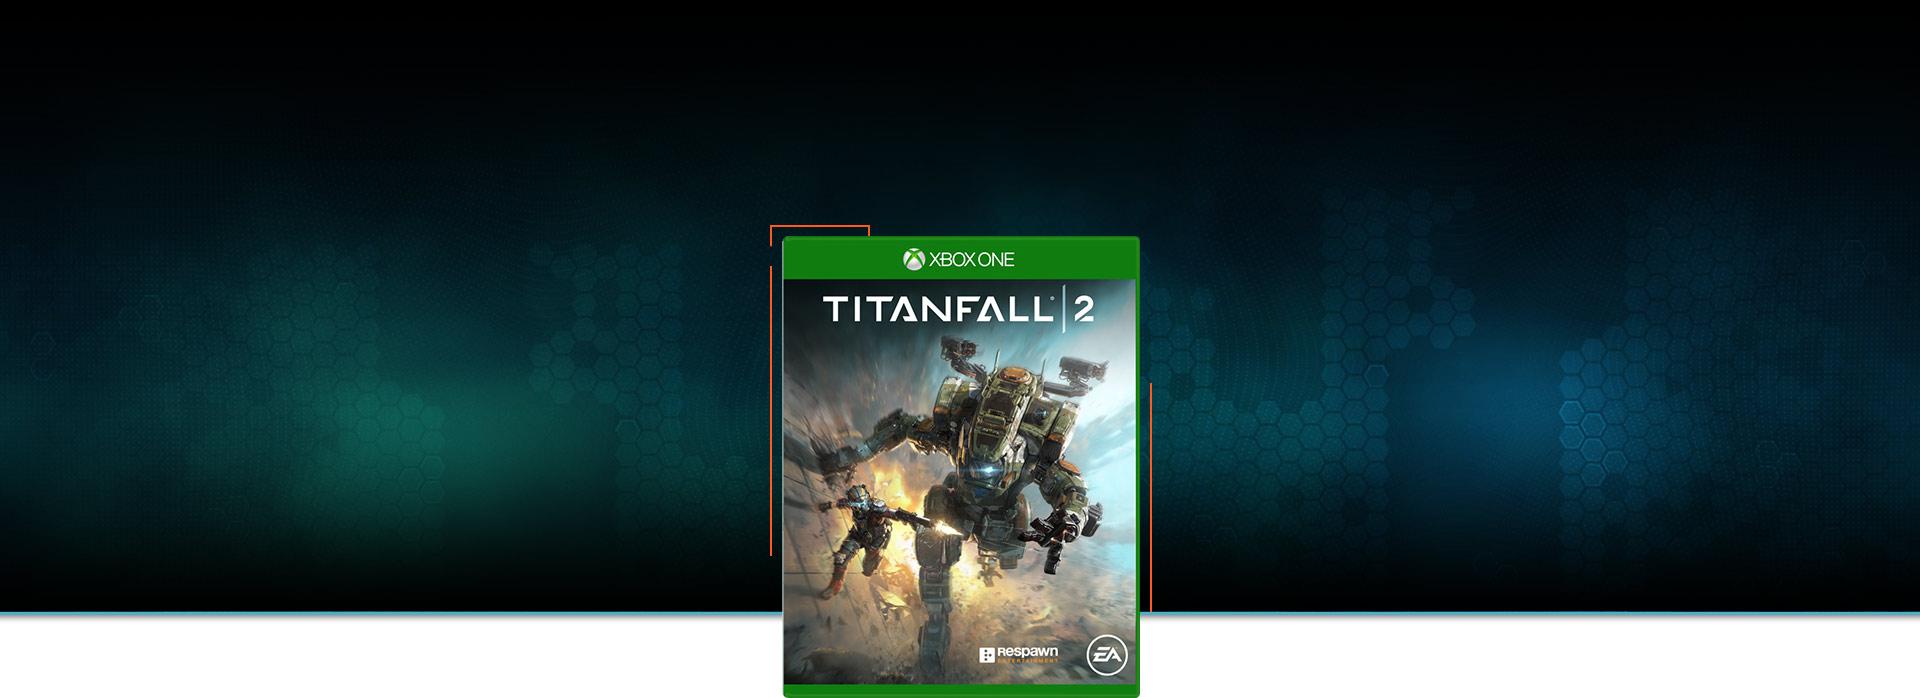 Imagem da caixa do Titanfall 2